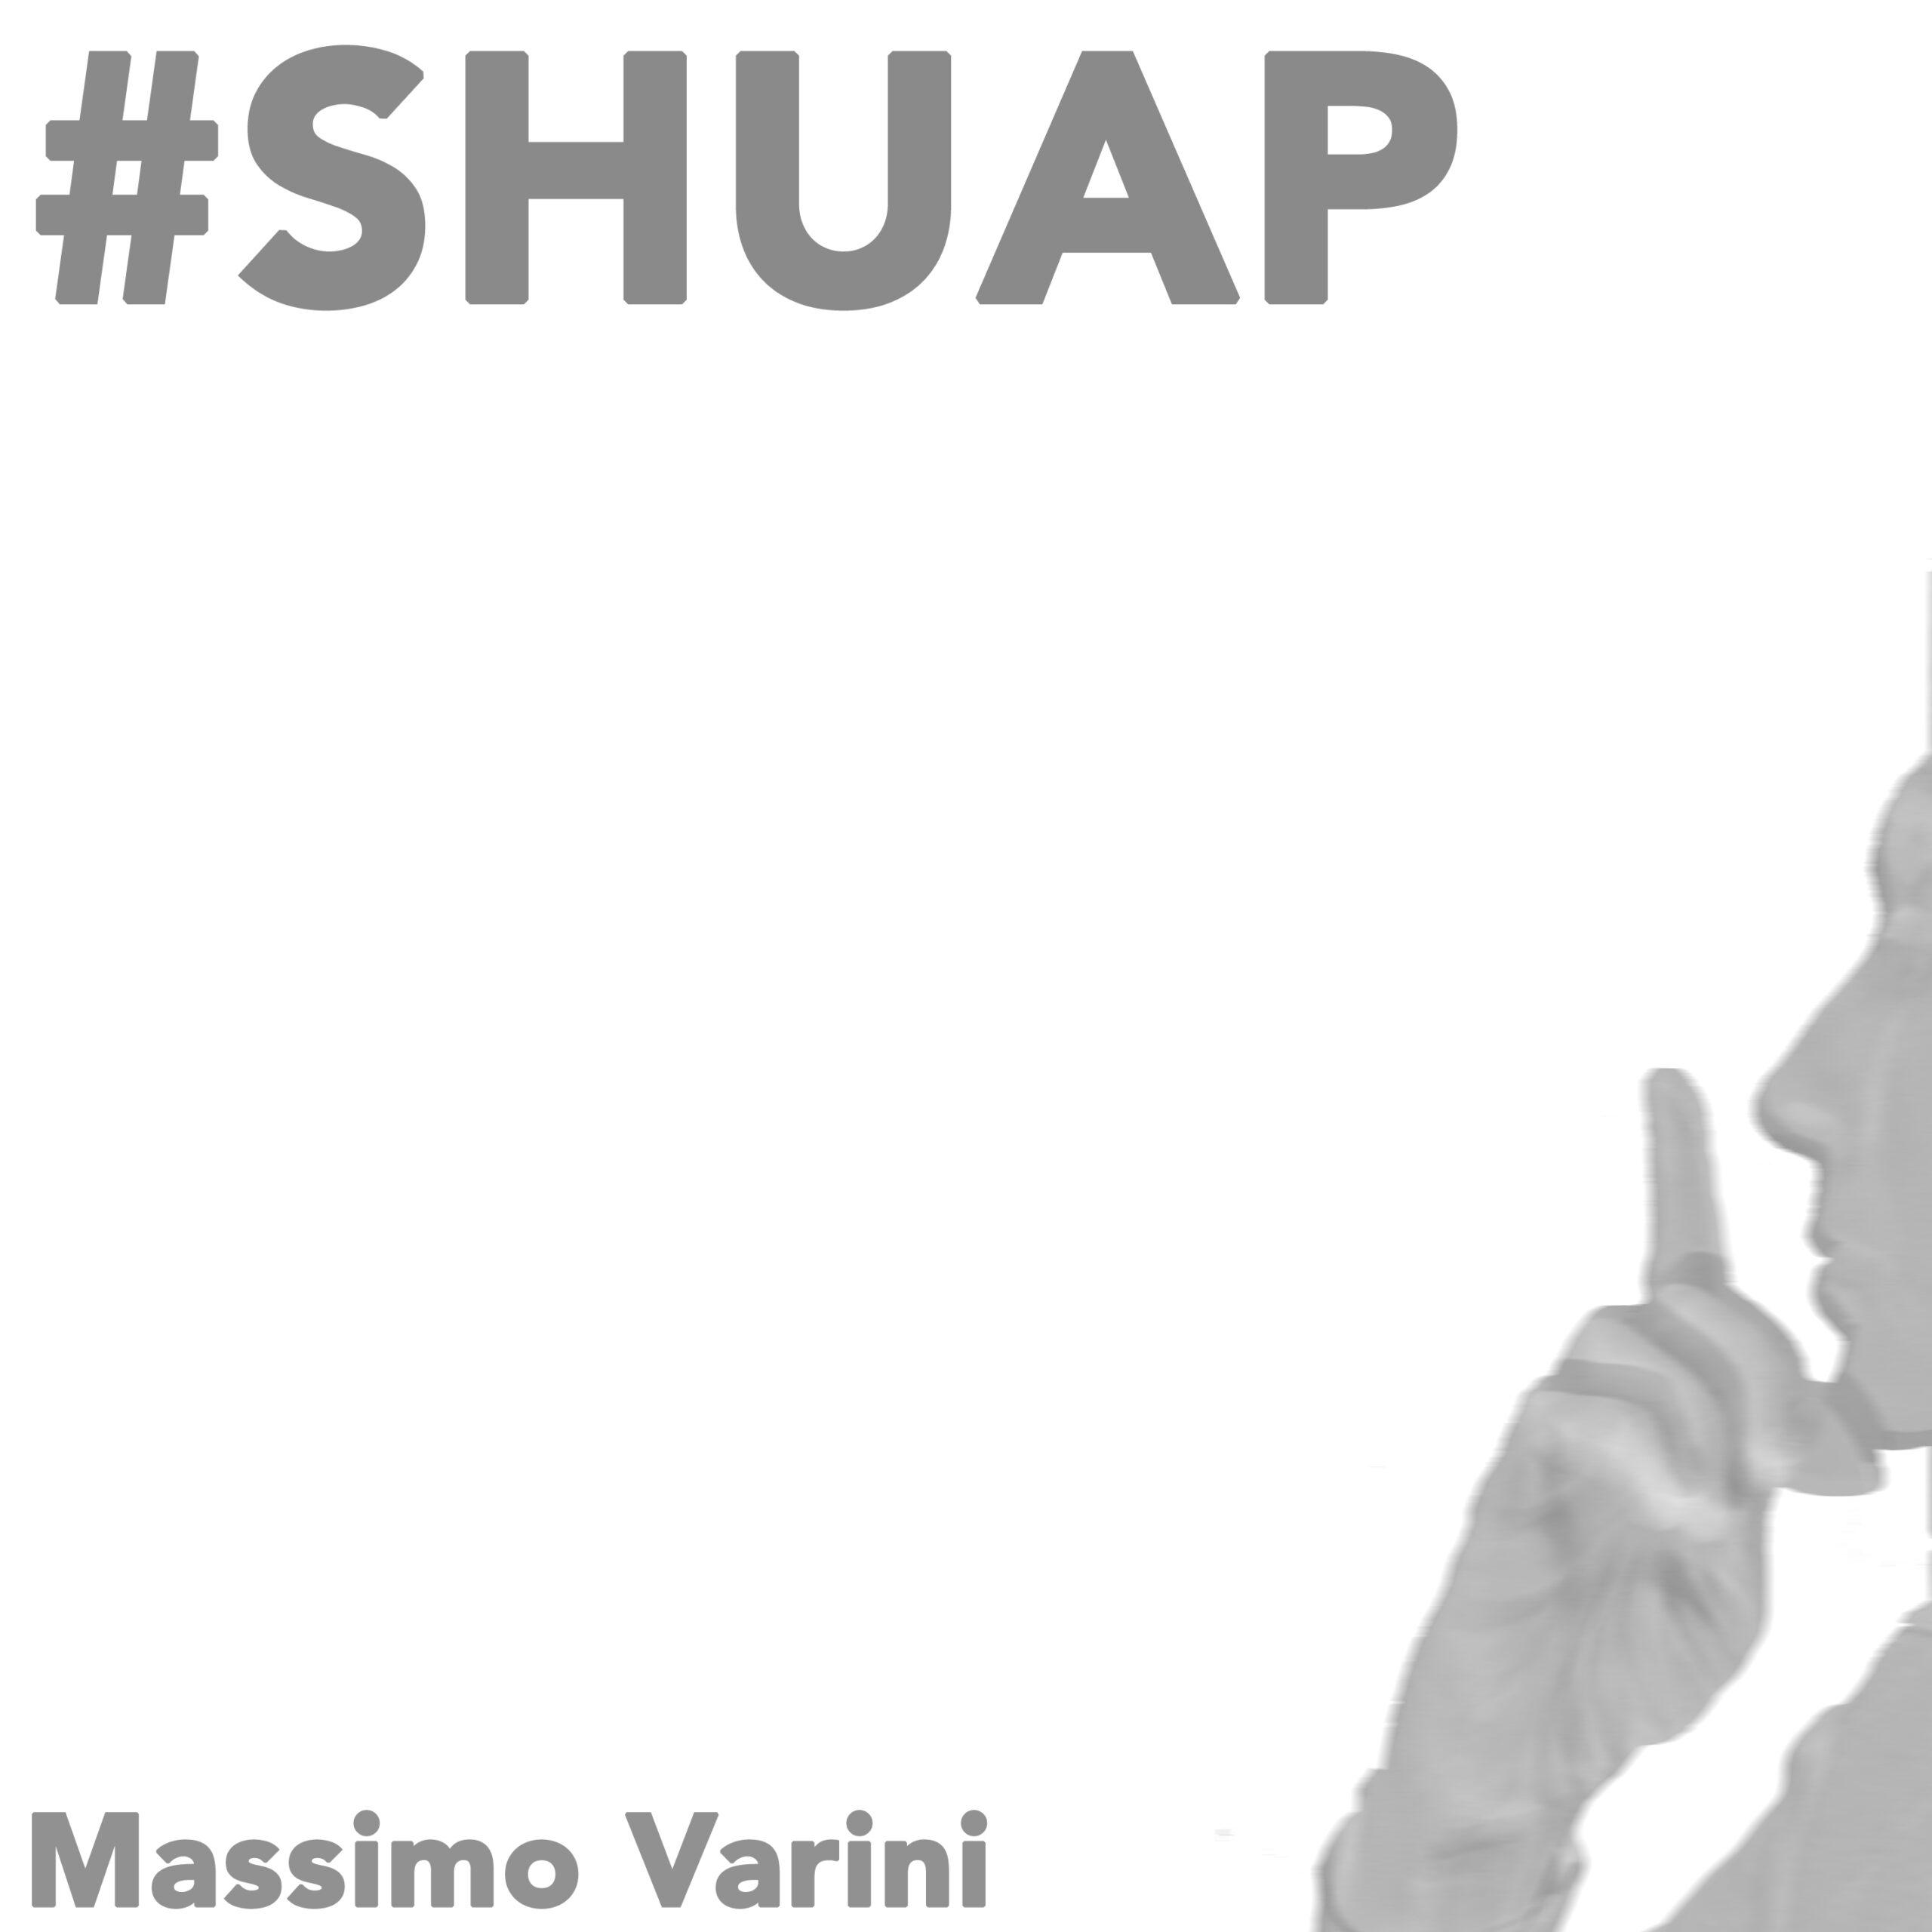 copertina SHUAP che ha il titolo, il nome e una foto raffigurante Massimo Varini con in mano un plettro che con il dito vicino a bocca e naso fa segno di fare silenzio: shut up and play significa: non parlare e suona!